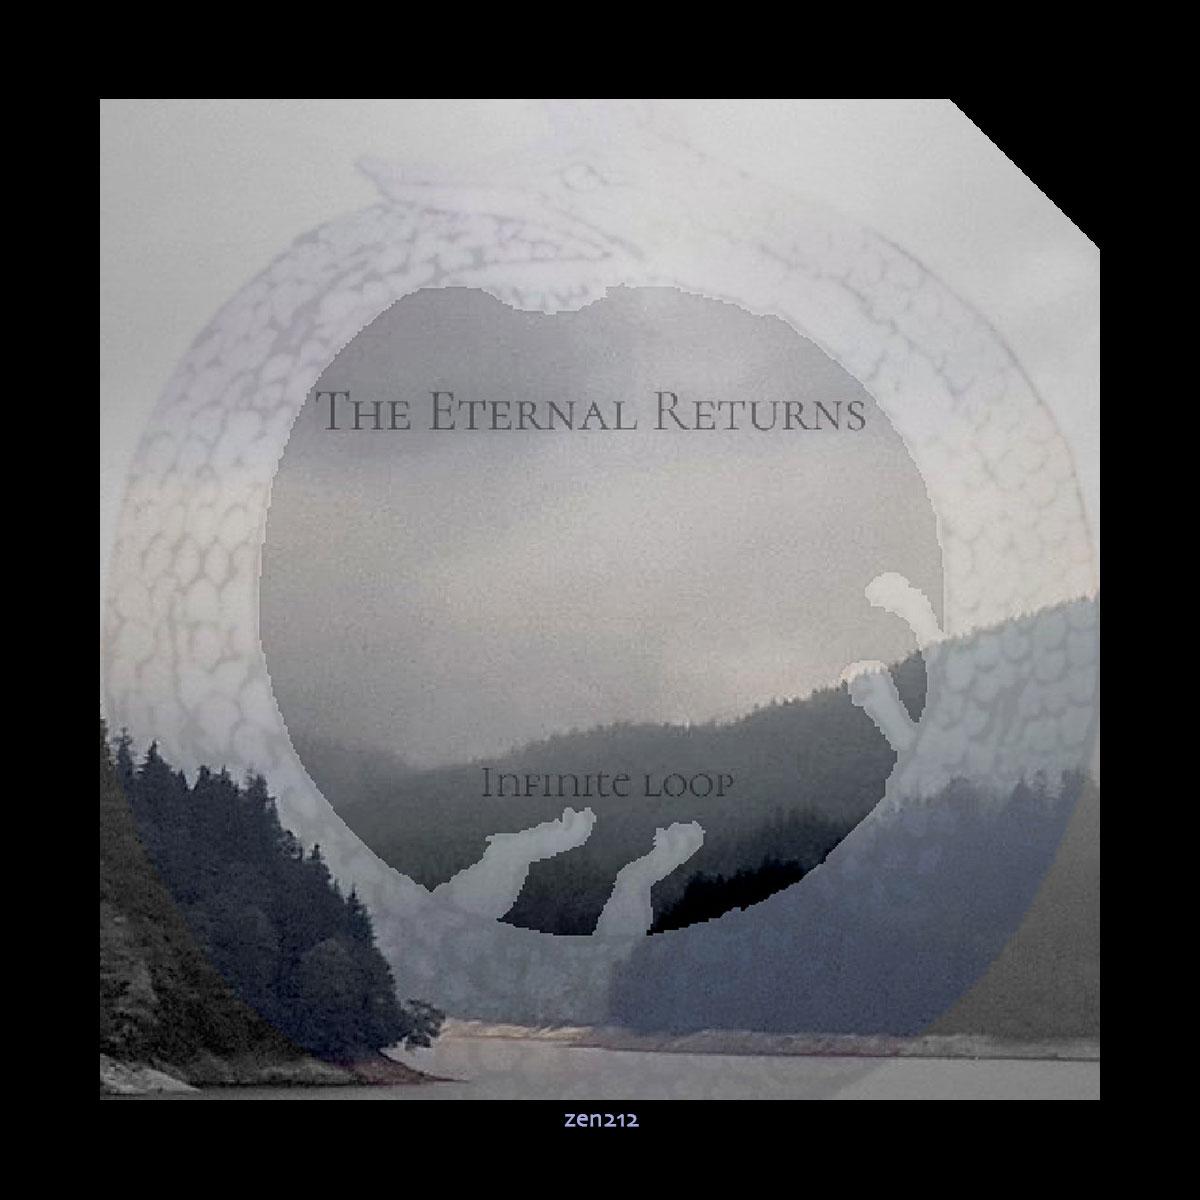 The Eternal Returns – Infinite Loop